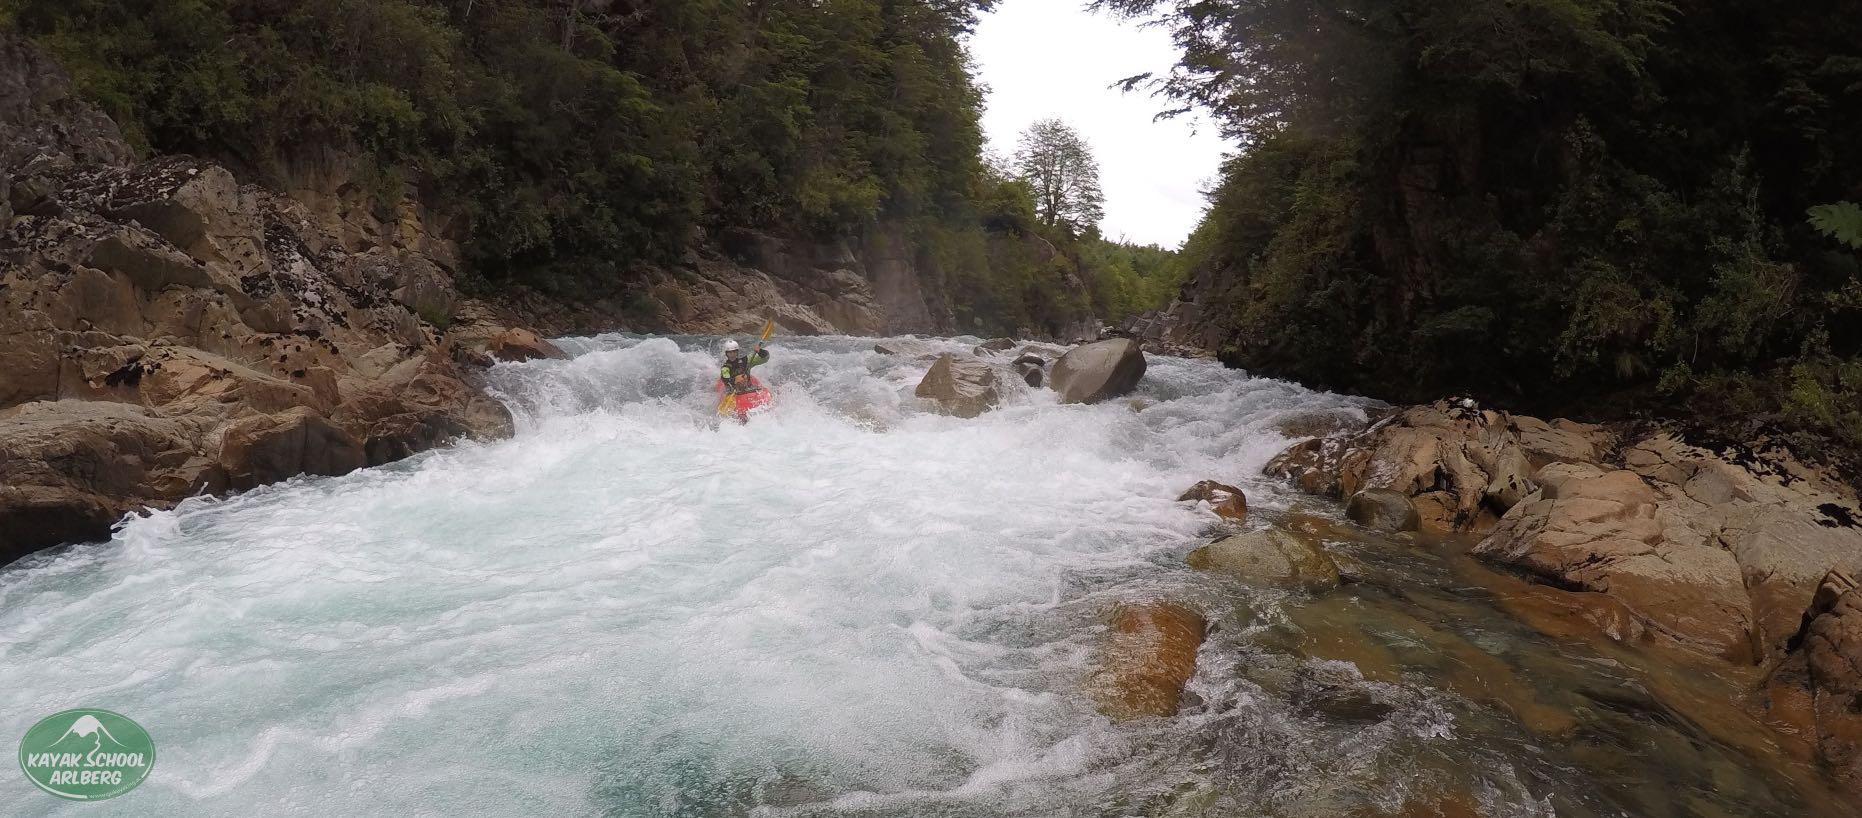 Kayak-Chile-Patagonia-Rio-Azul-11.jpg